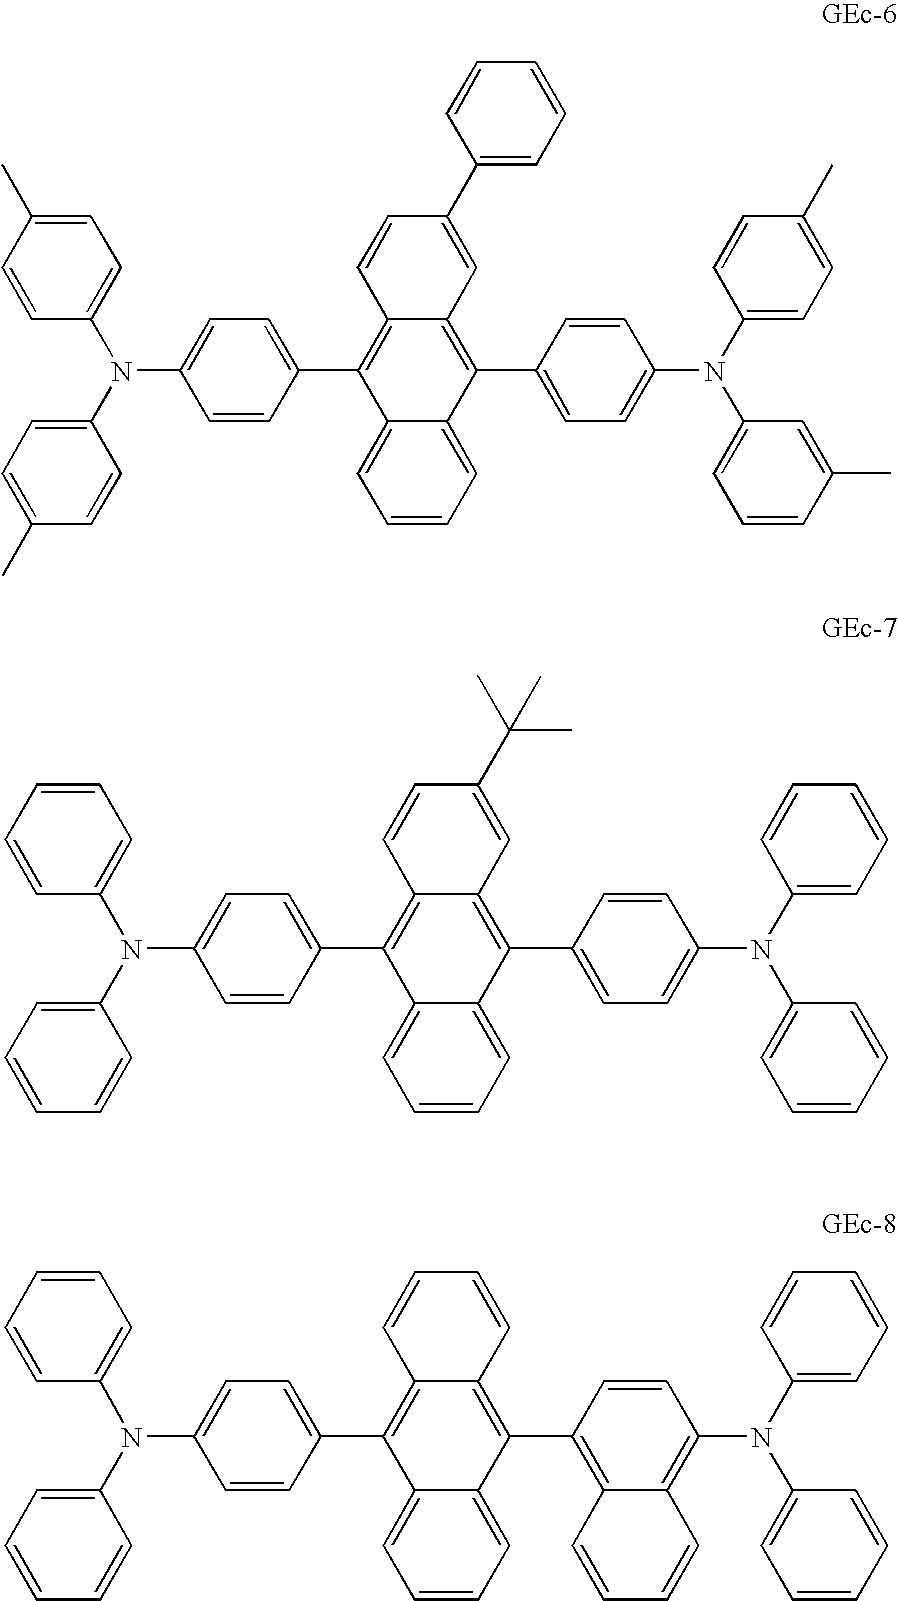 Figure US20100219748A1-20100902-C00013